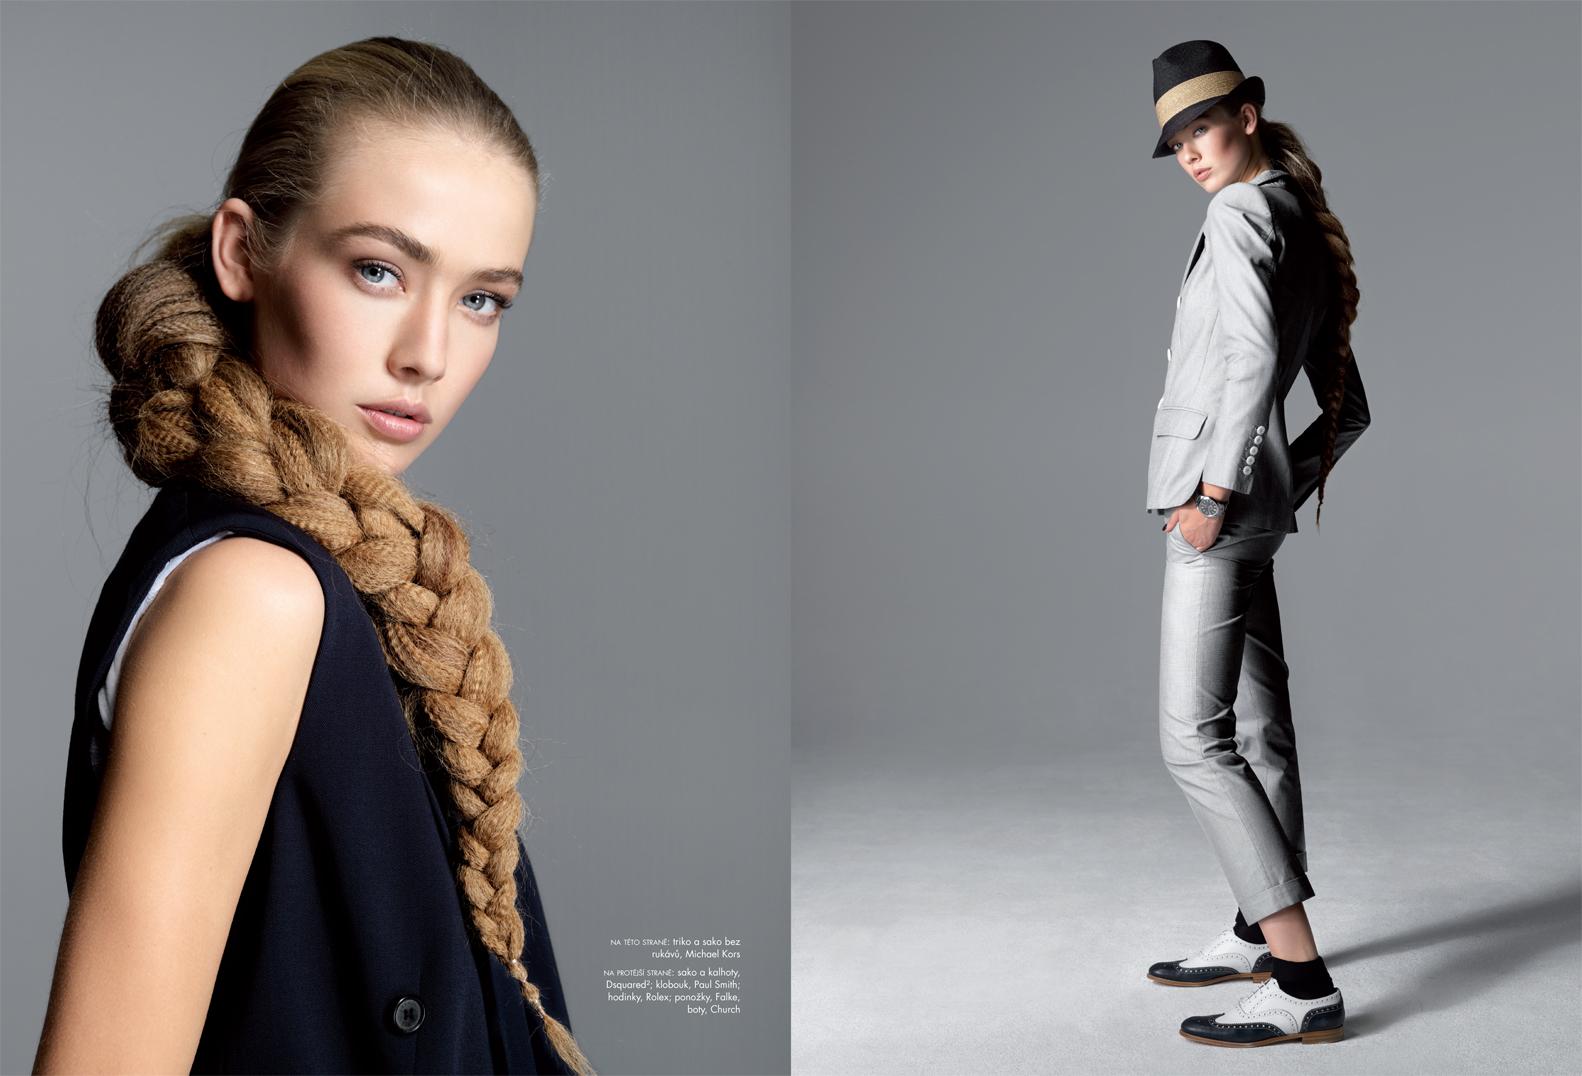 fashion_masculin-4.jpg